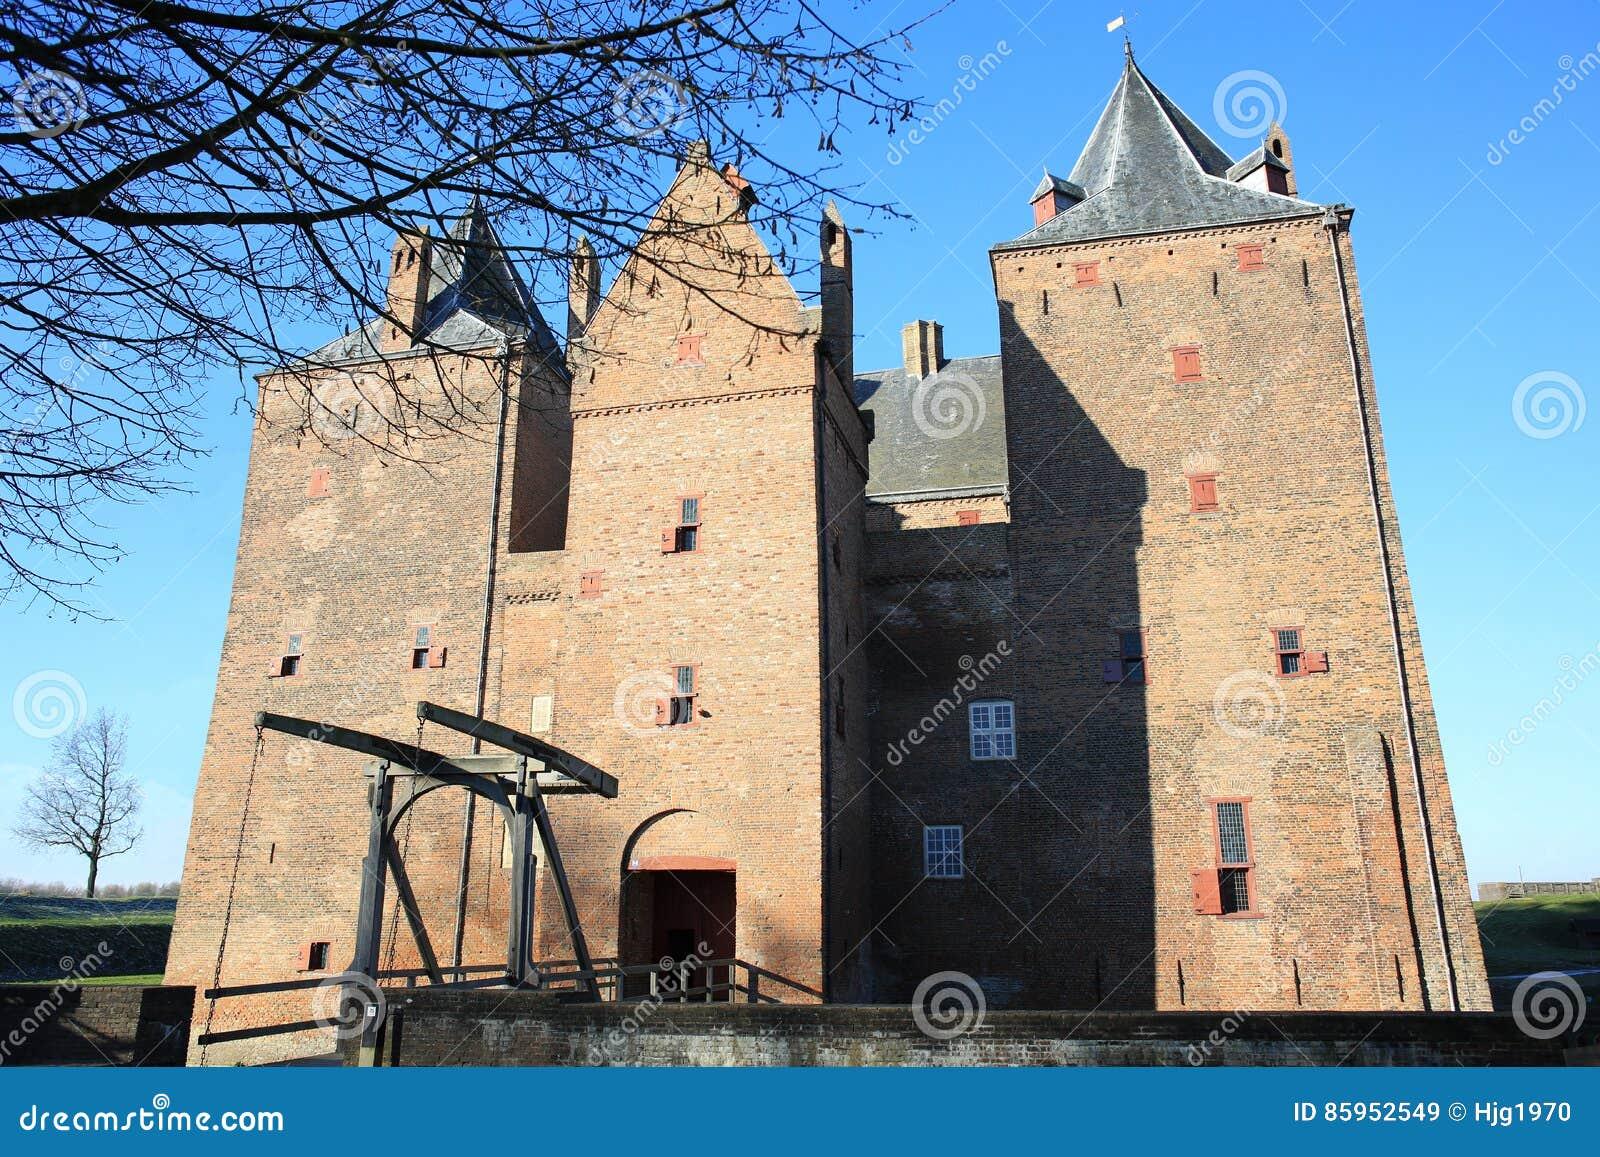 Le château historique Loevestein dans la province Gueldre, Pays-Bas